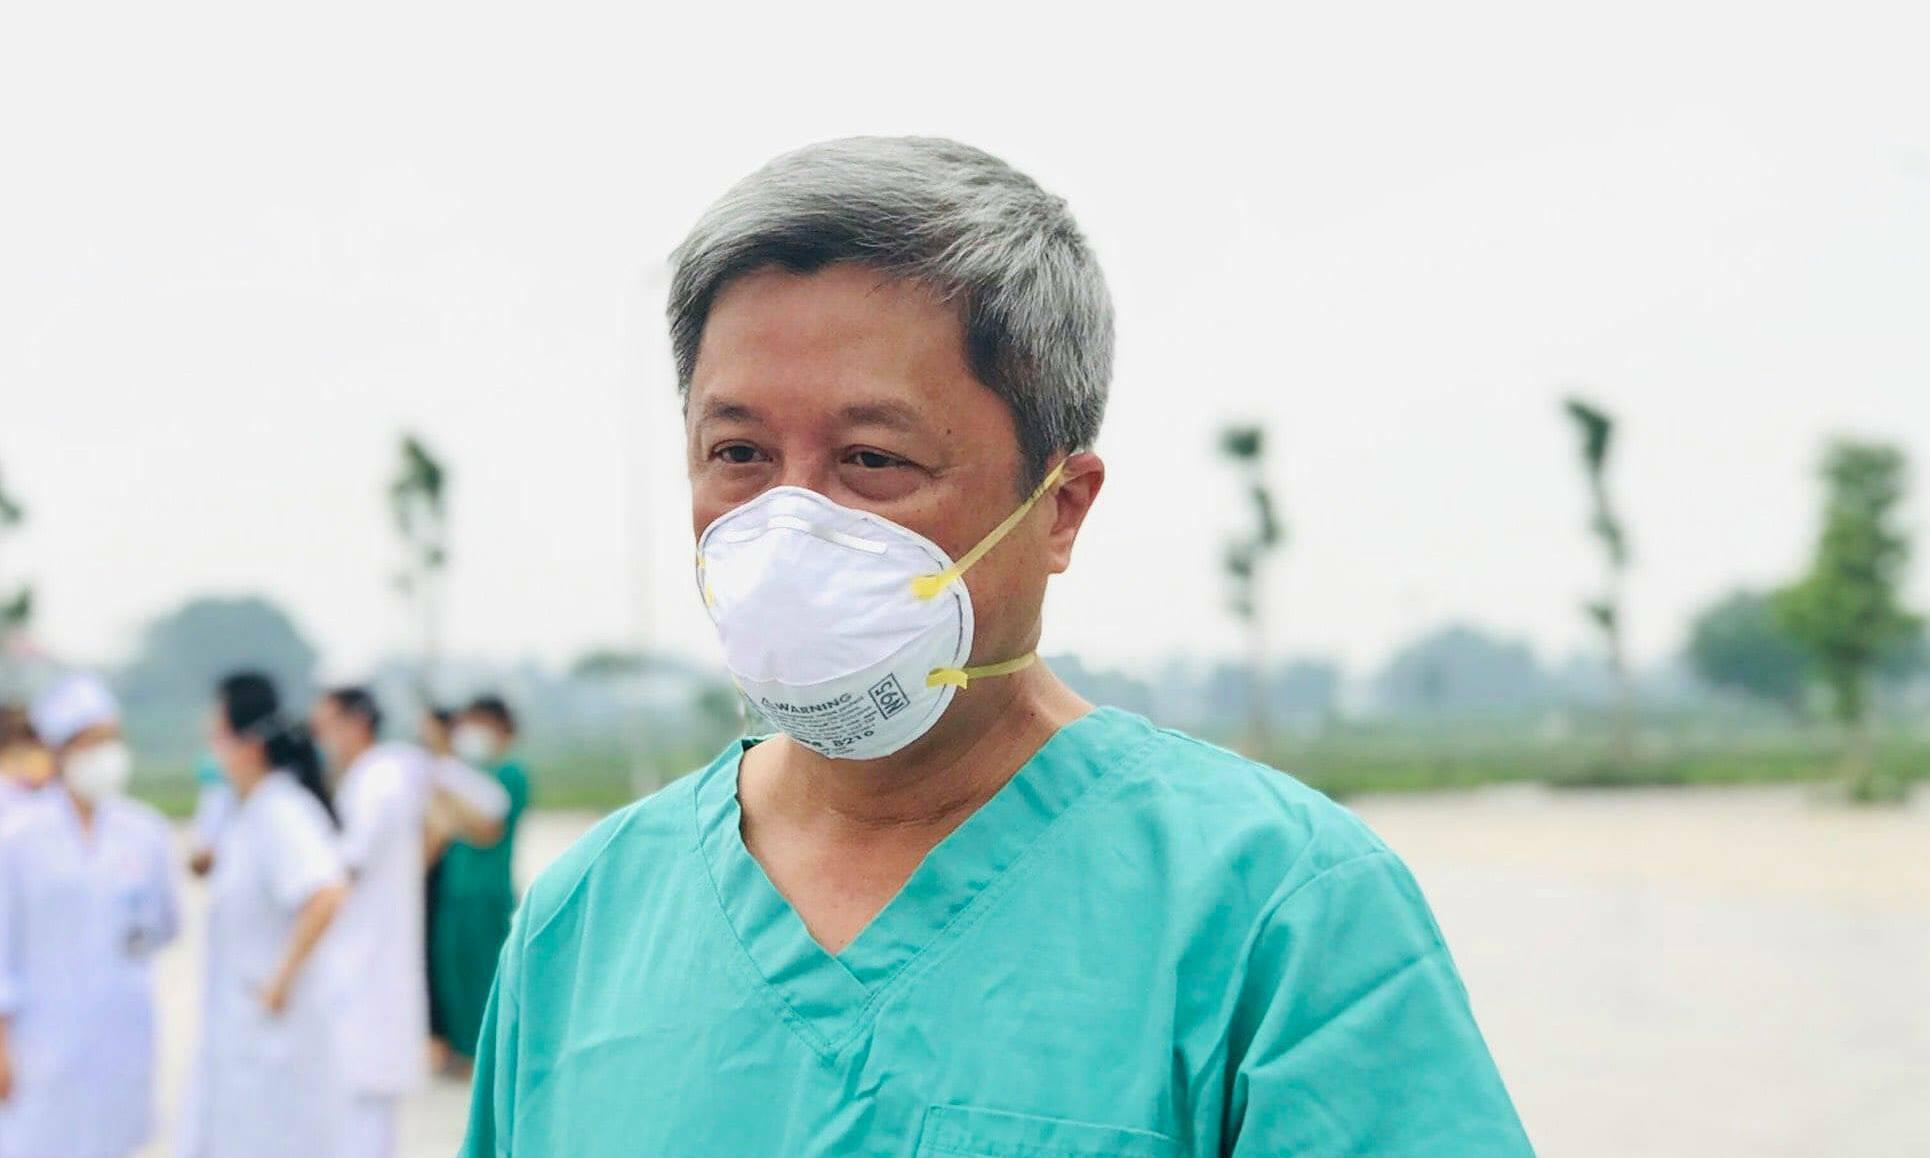 Thứ trưởng Y tế Nguyễn Trường Sơn, Trưởng của Bộ phận thường trực đặc biệt của Bộ Y tế chi viện Bắc Giang. Ảnh: Ngọc Mai.